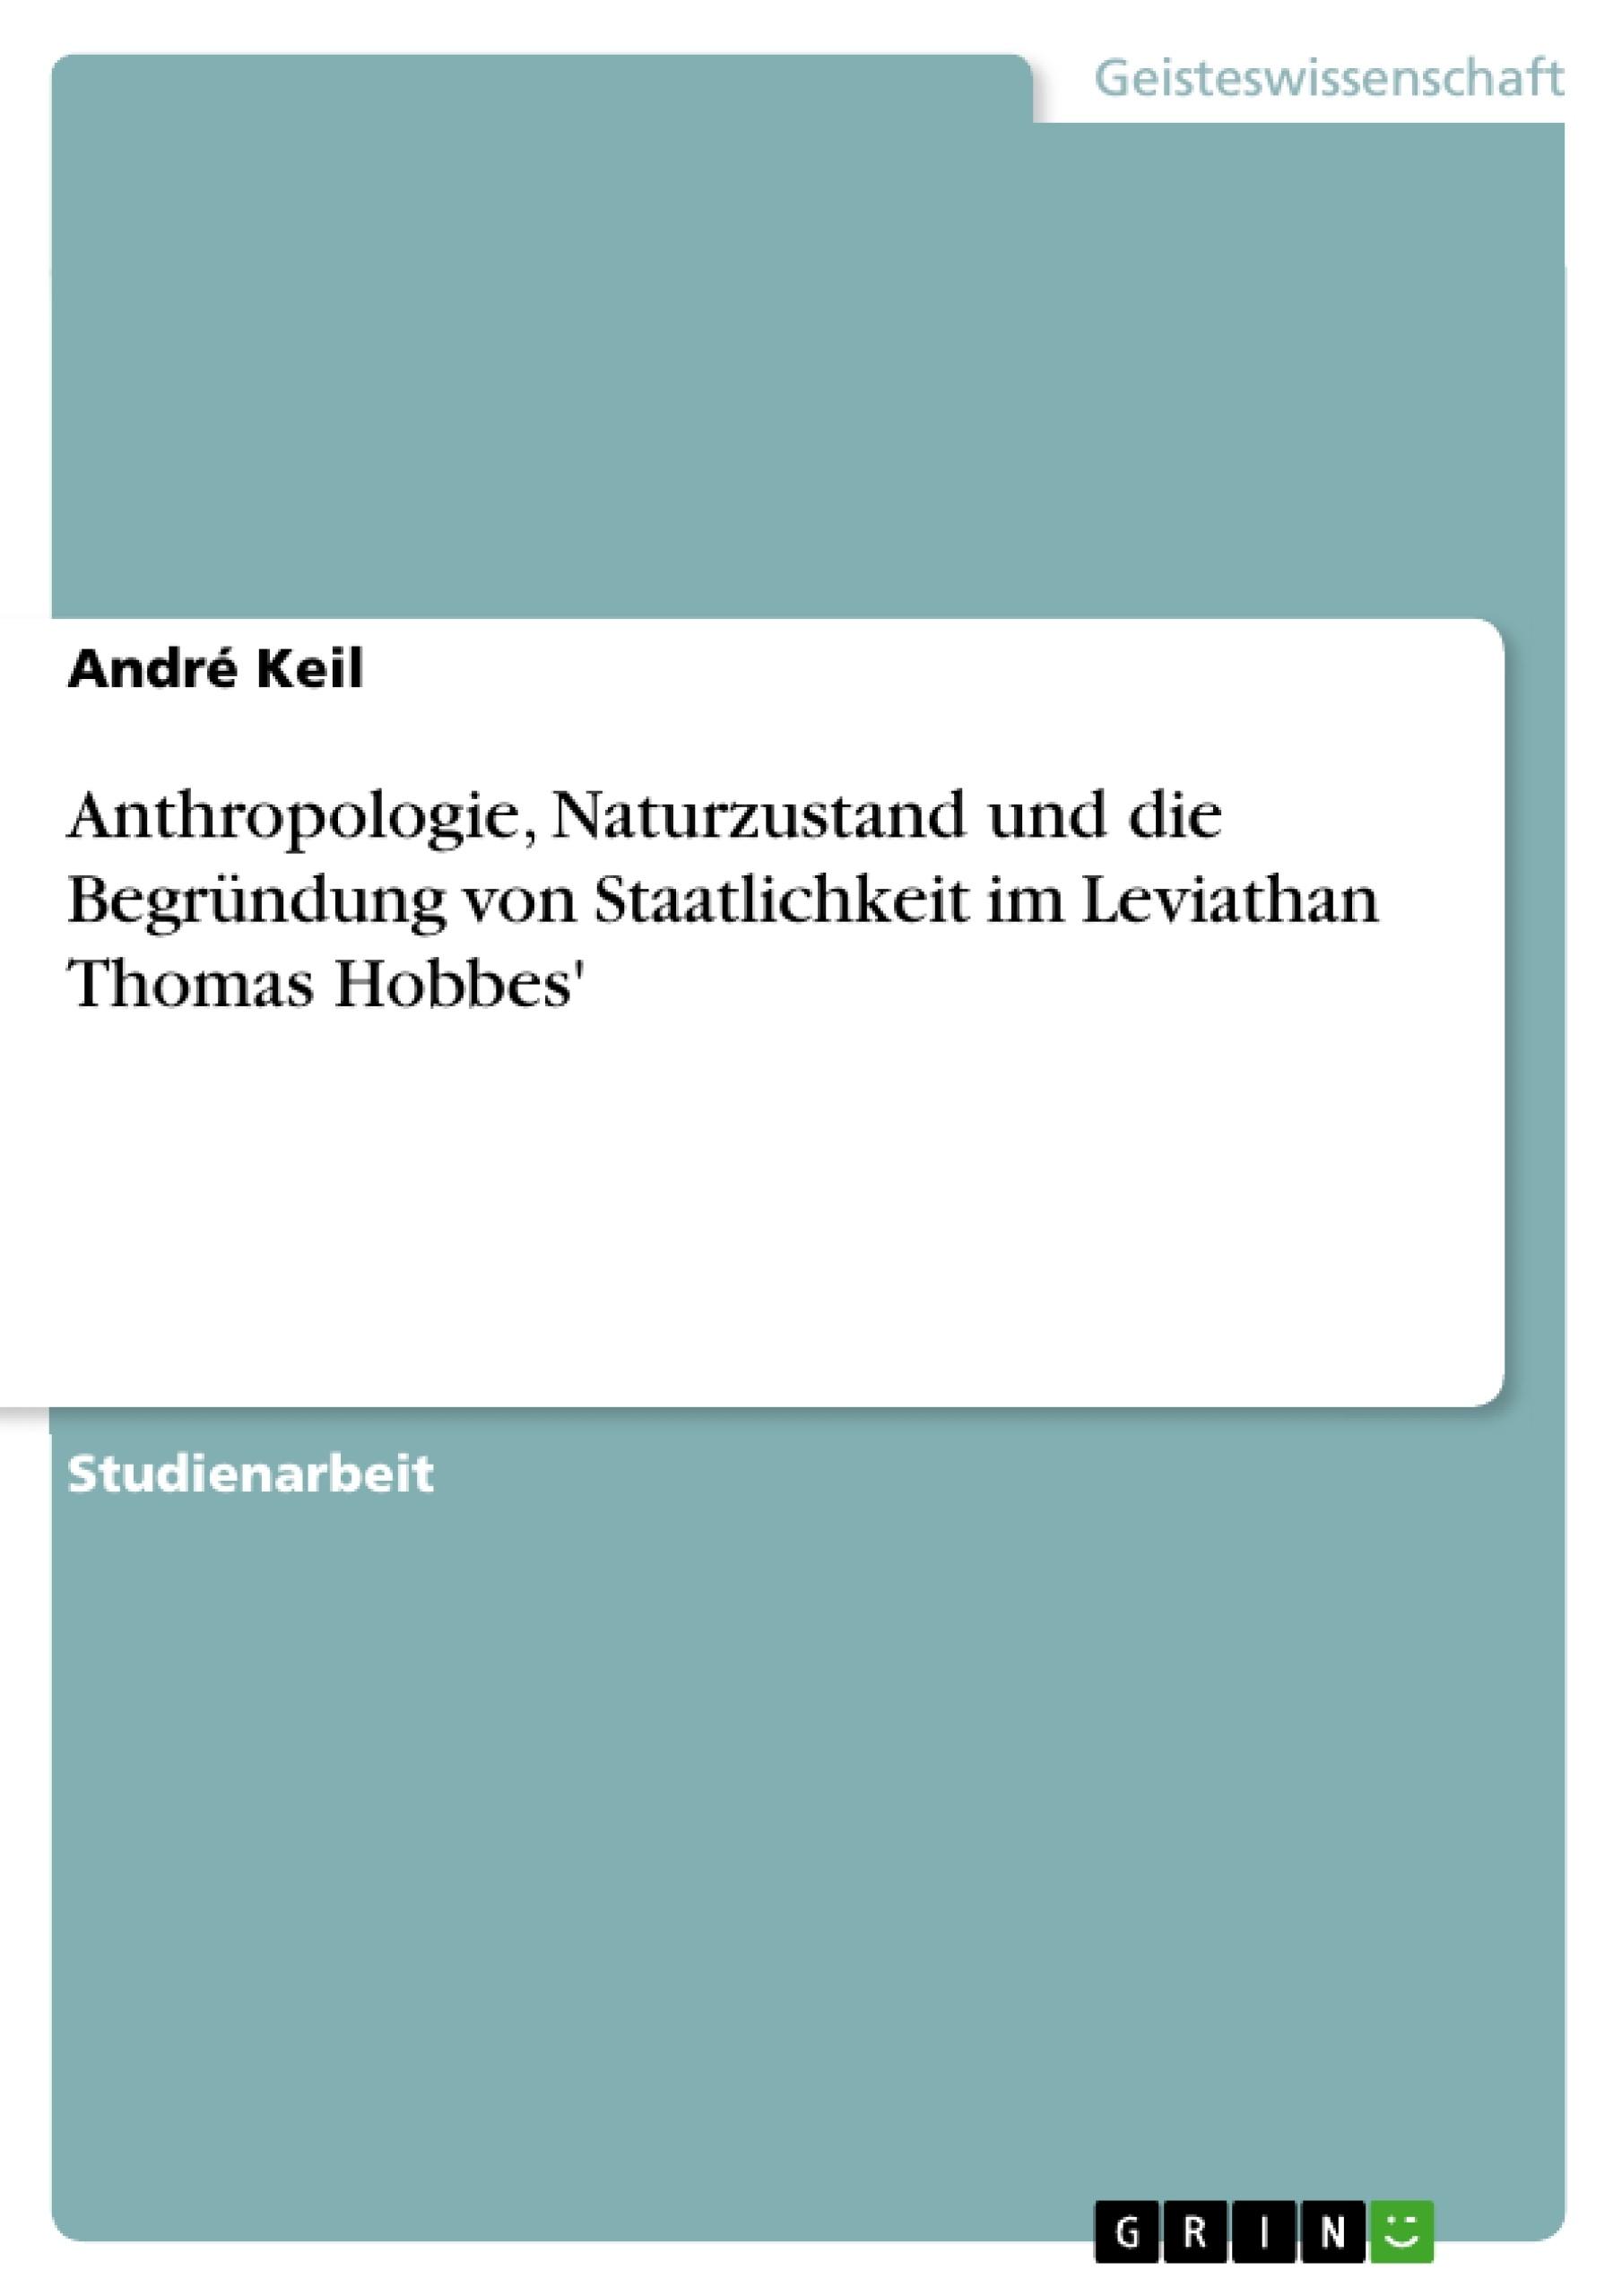 Titel: Anthropologie, Naturzustand und die Begründung von Staatlichkeit im Leviathan Thomas Hobbes'